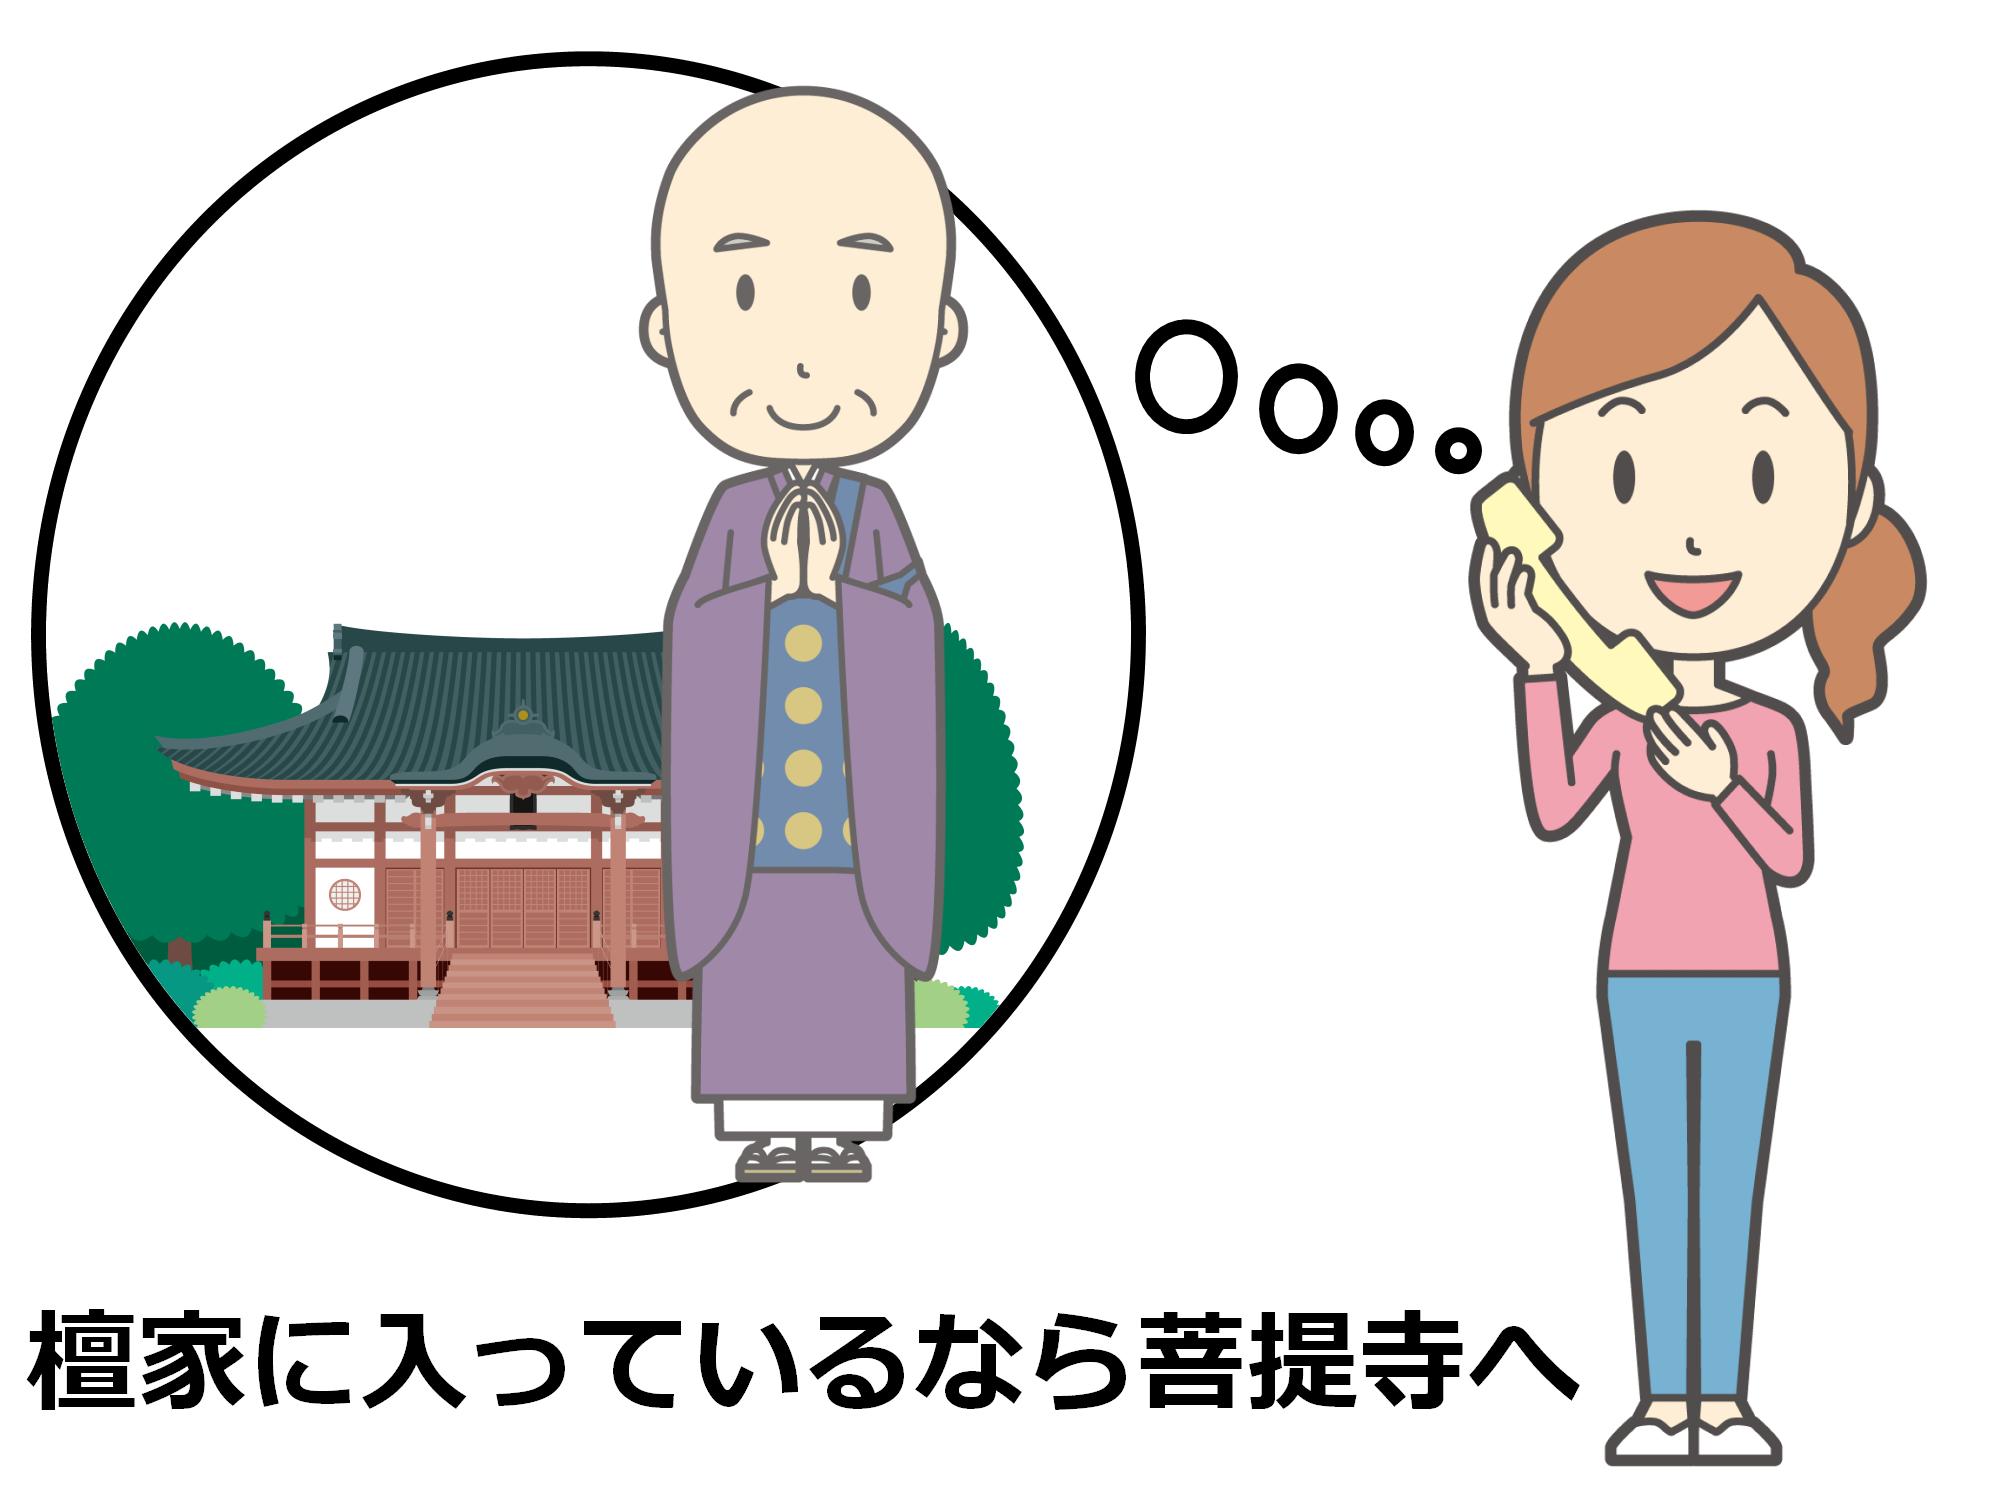 (1)菩提寺